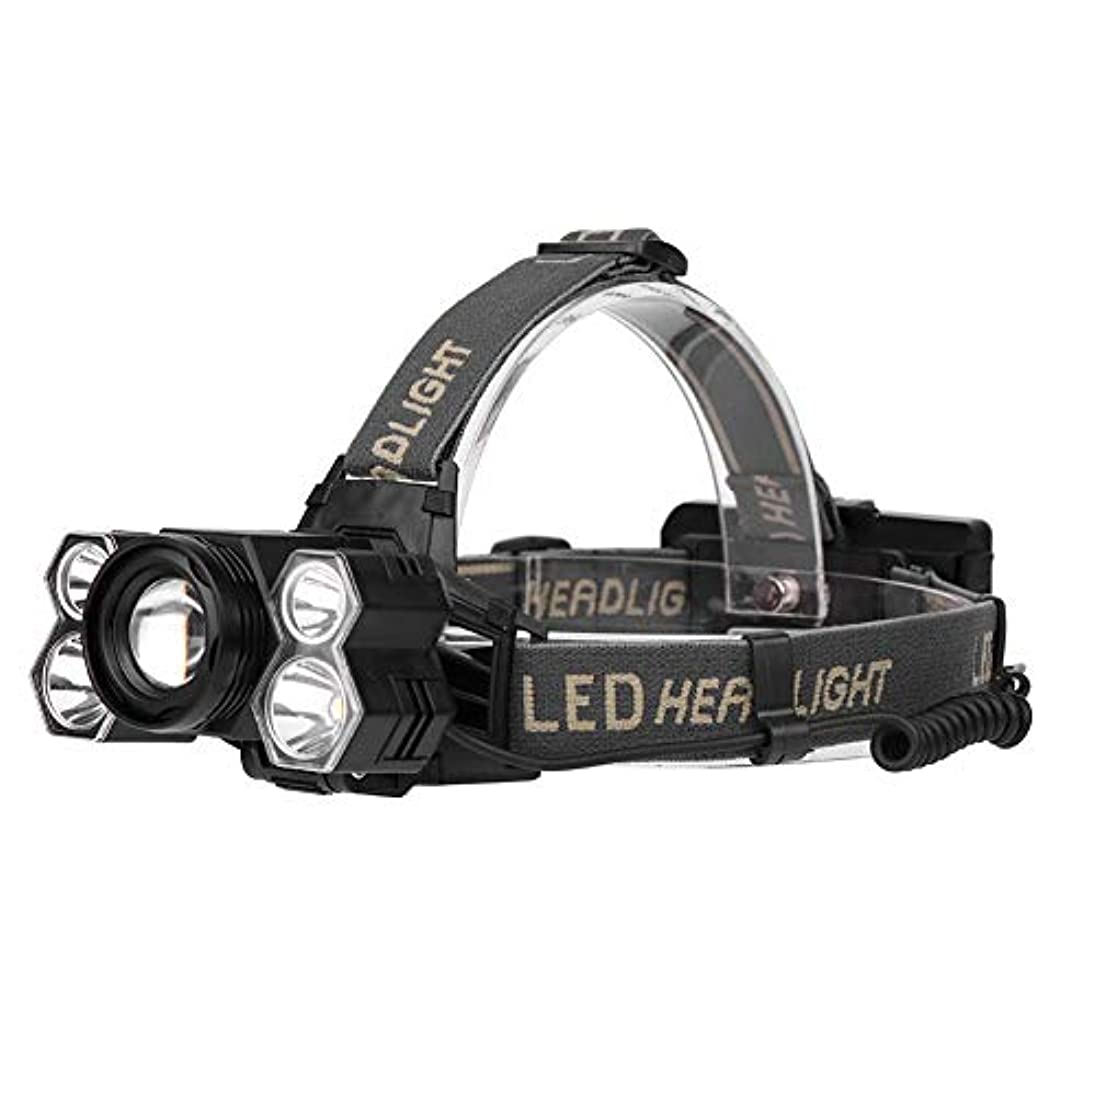 男やもめ聴覚障害者収穫5/7LED ヘッドライト 5モード調光 ズーム USB充電式 IP44防水 高輝度LED 作業灯 防災 登山 釣り ランニング 夜釣り キャンプ 対応 実用的 軽量 調整可能 ヘルメットライト ランタン 2スタイル選べ Matefieldjp